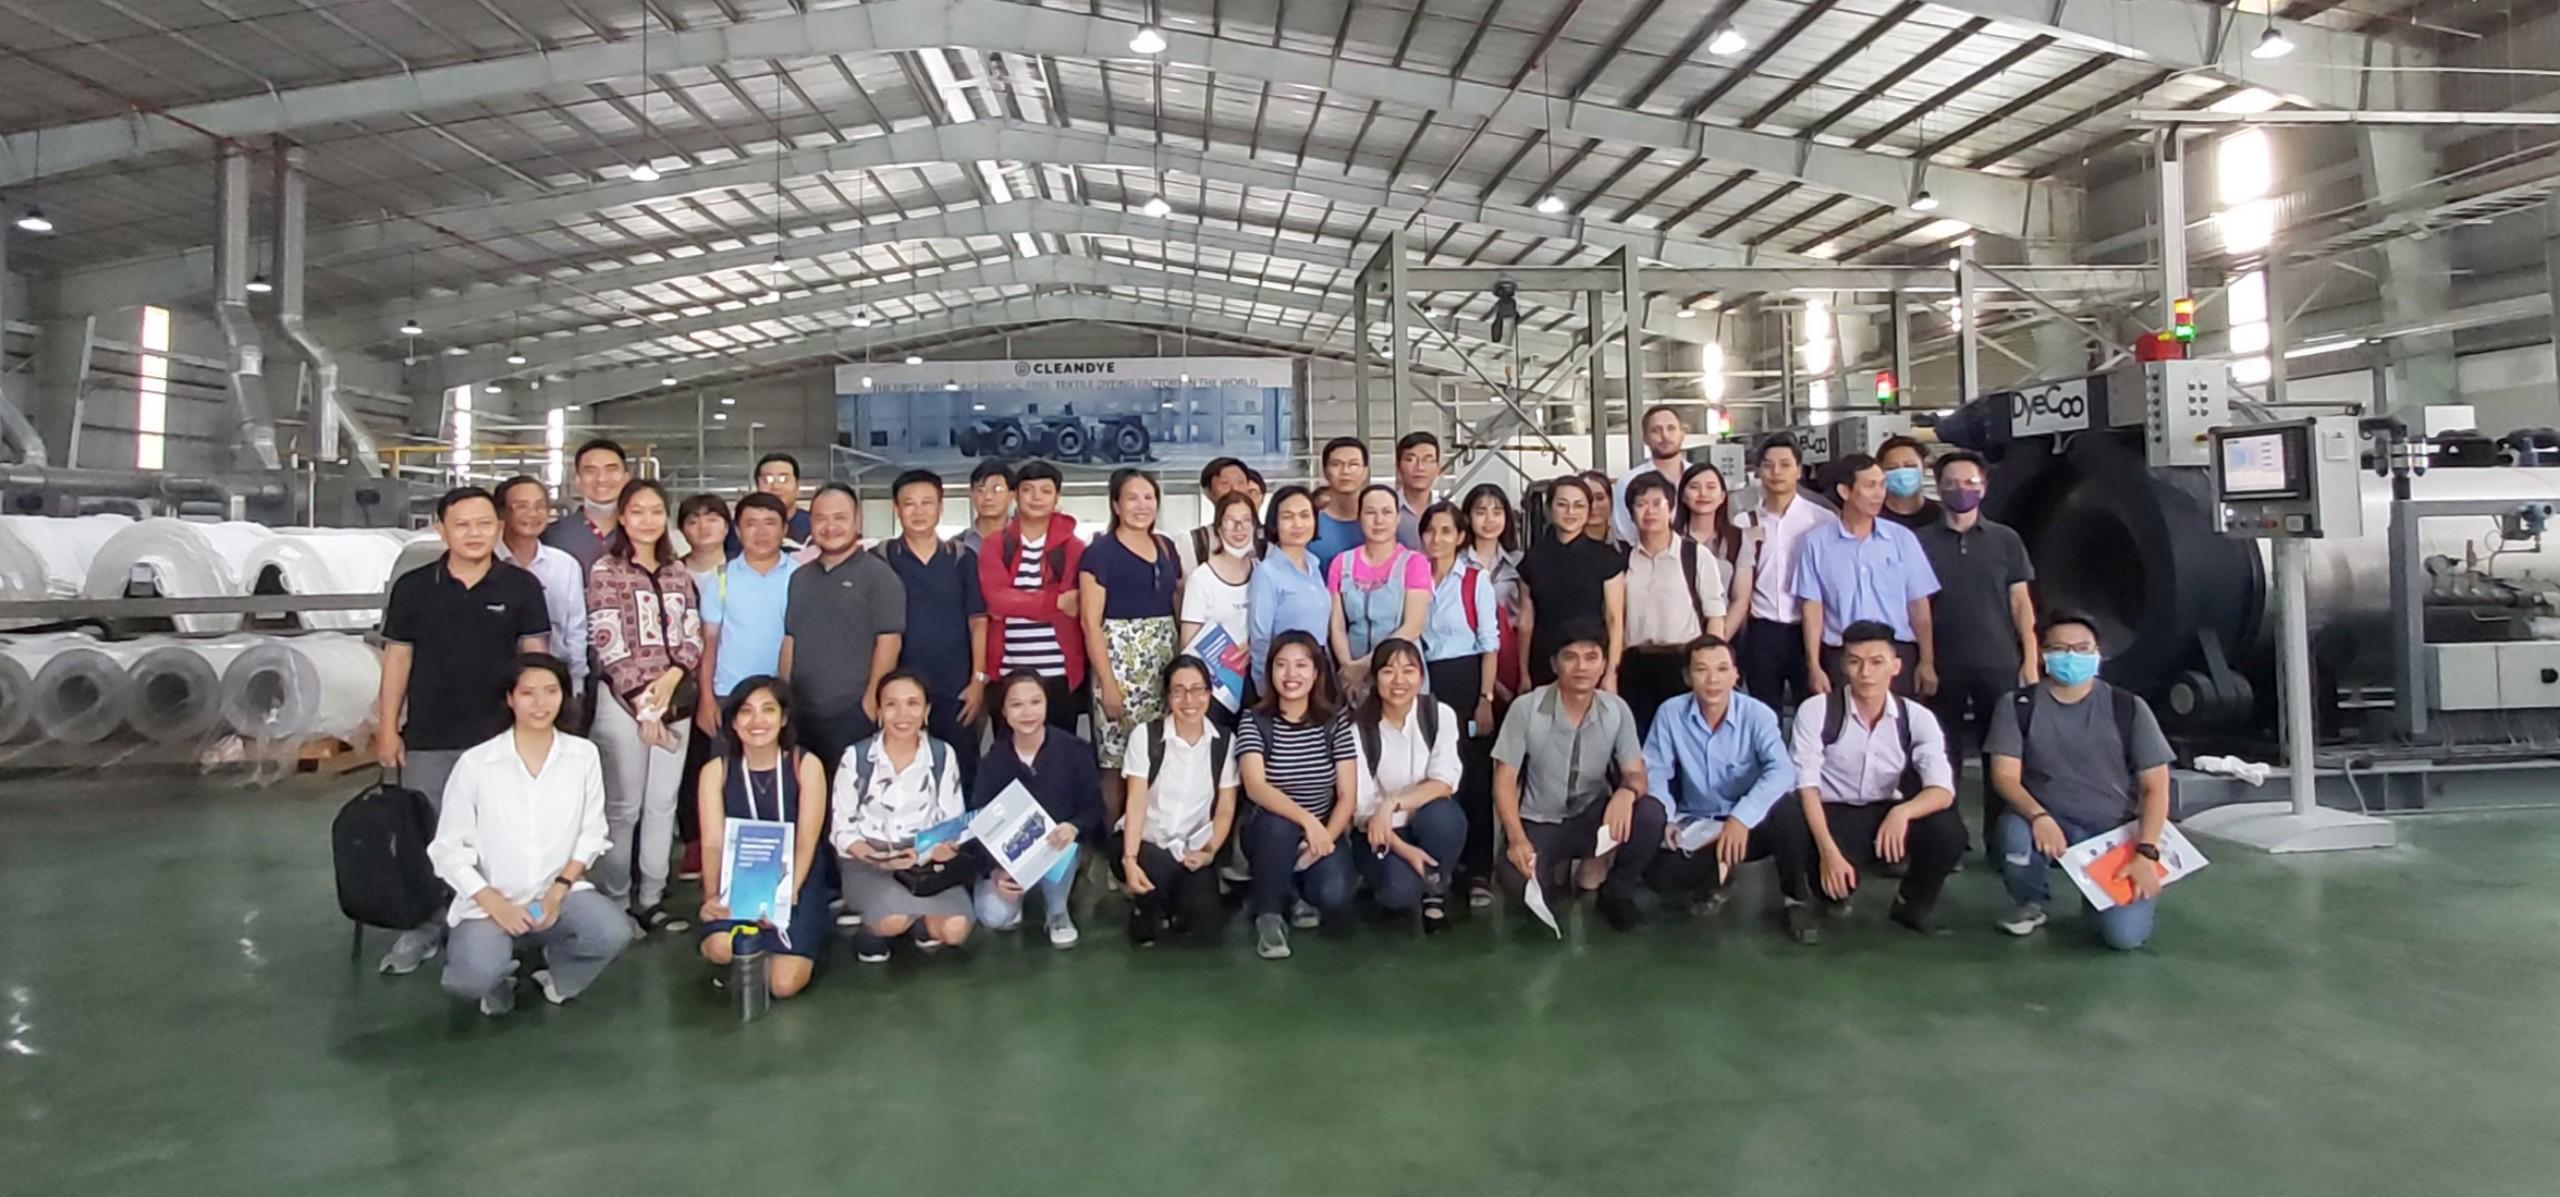 Lớp tập huấn kỹ thuật dệt nhuộm và tiết kiệm nước được tổ chức tại TP. HCM